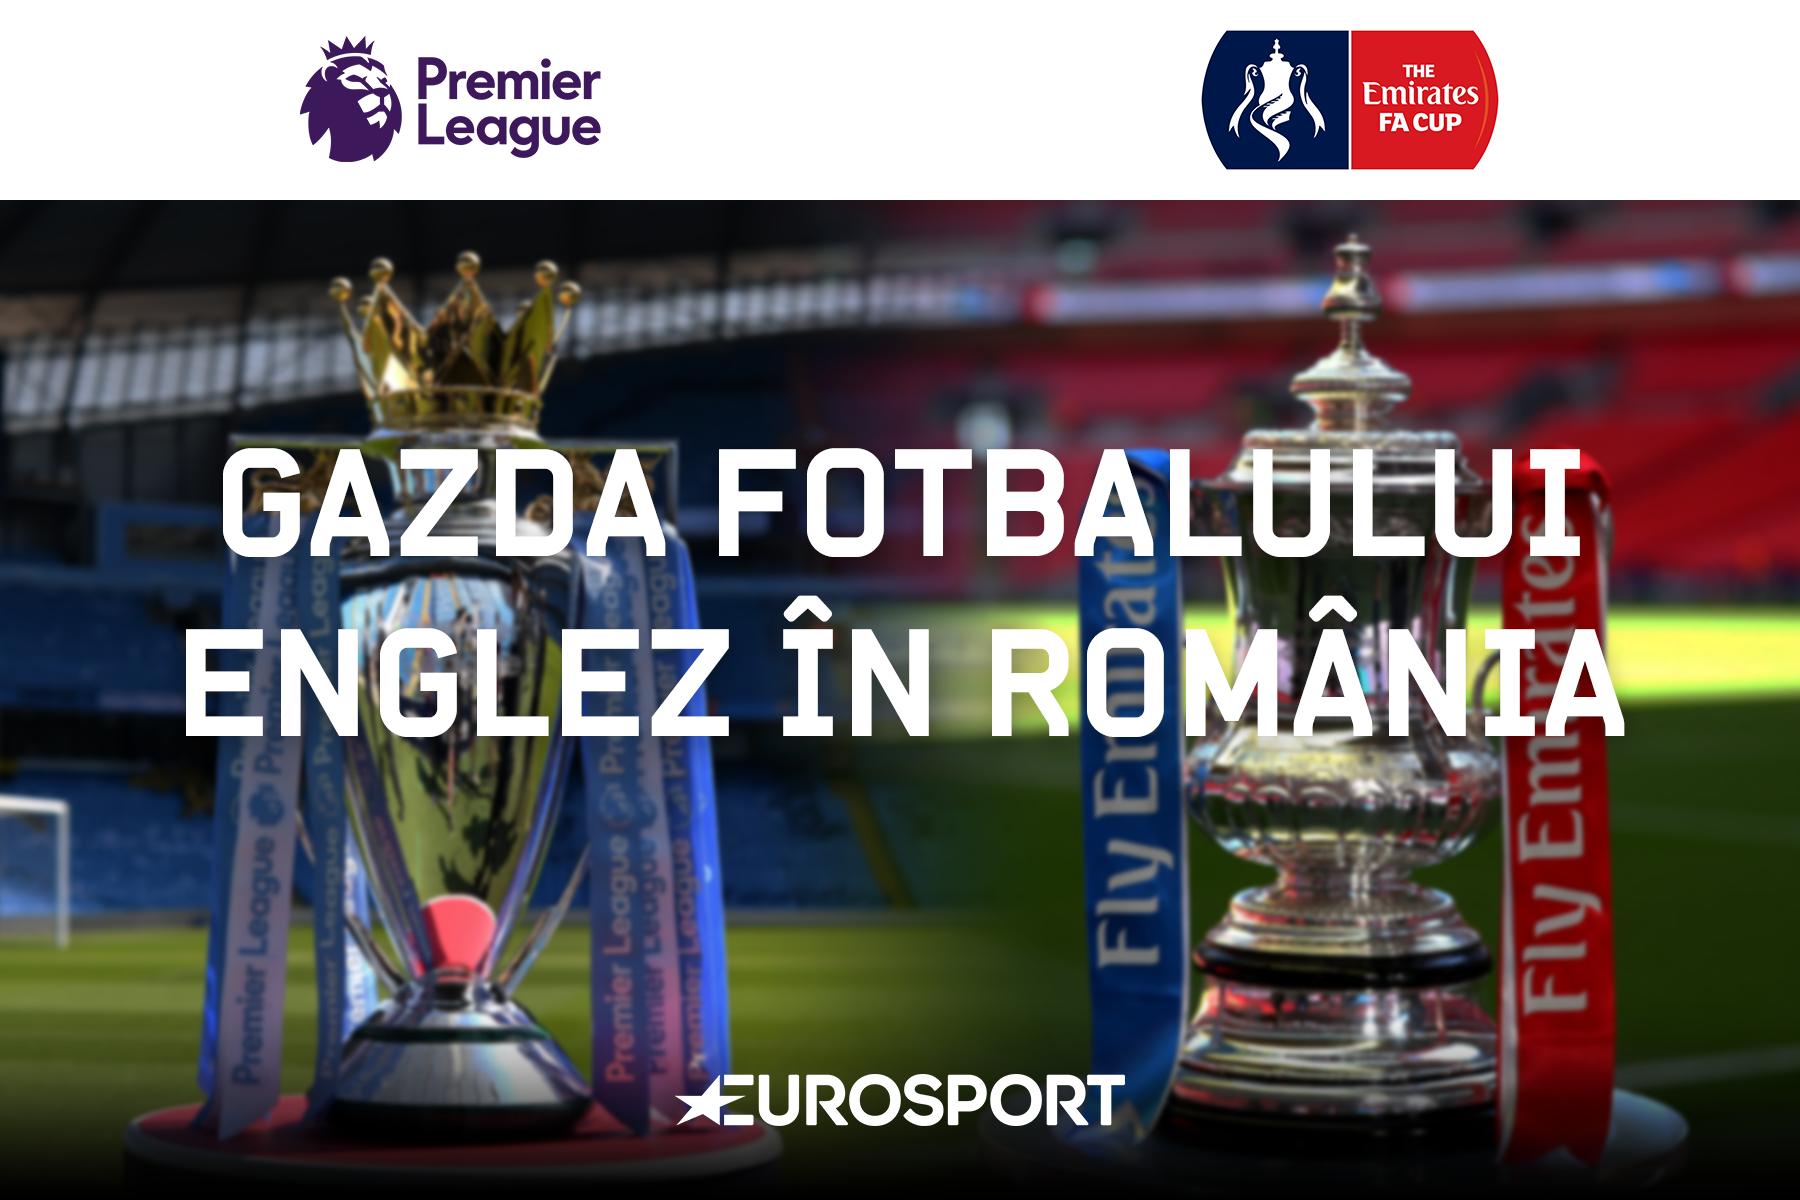 Eurosport - Gazda fotbalului englez în România